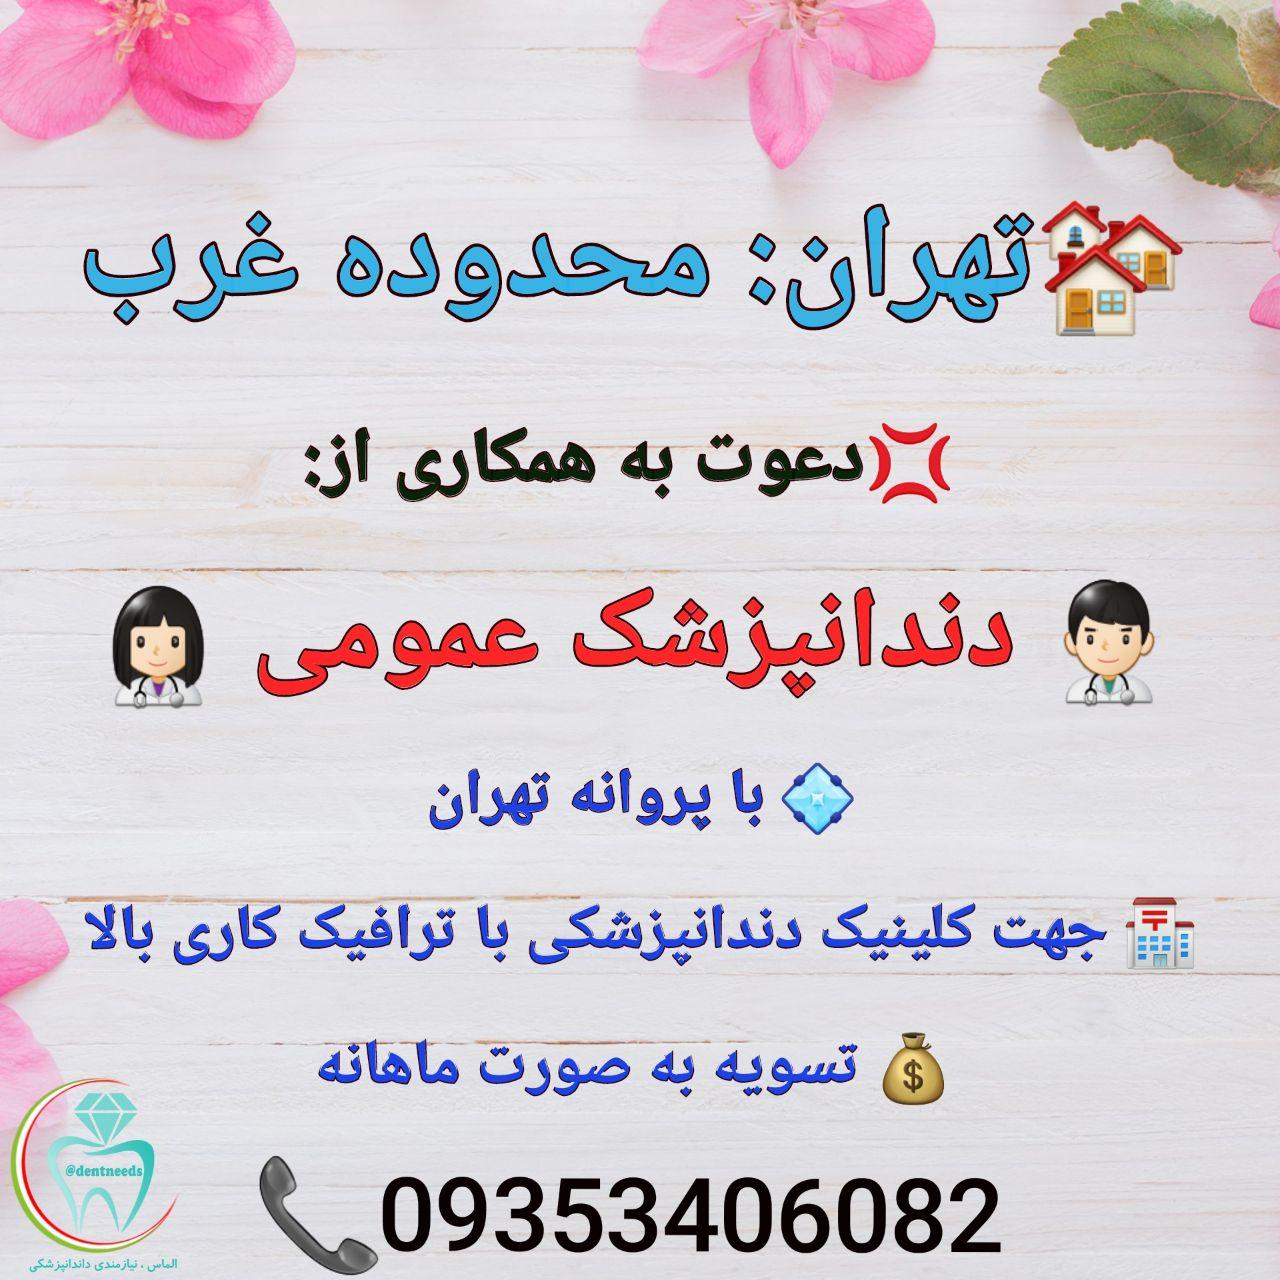 تهران: محدوده غرب، نیاز به دندانپزشک عمومی